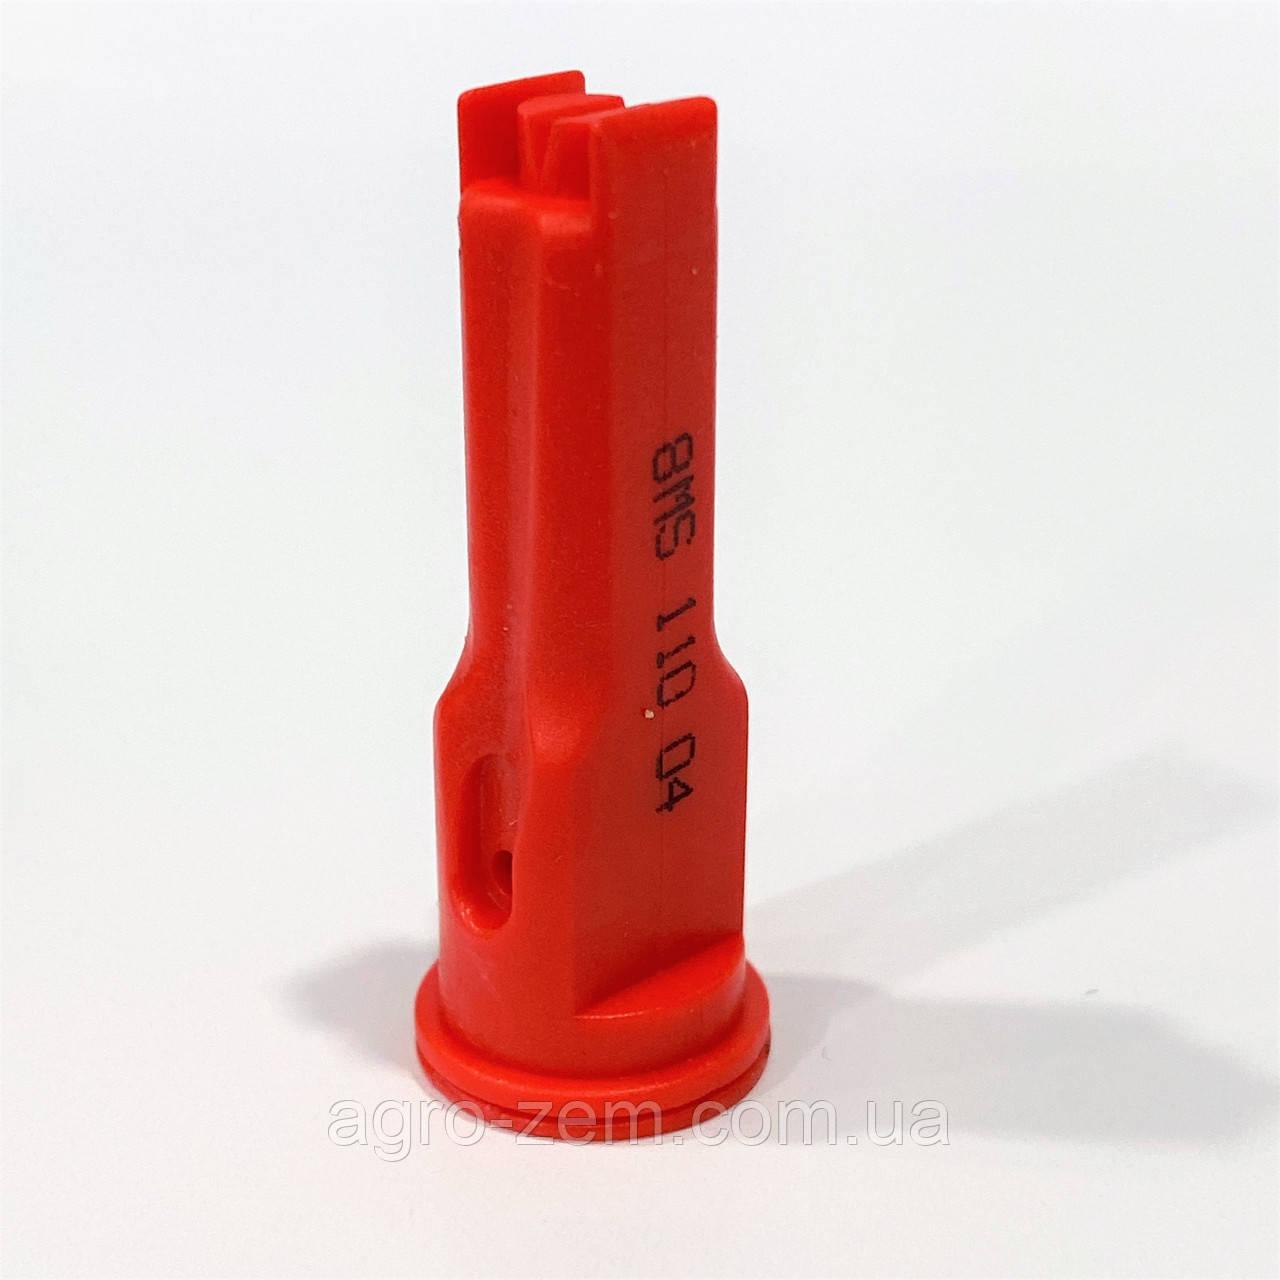 Распылитель опрыскивателя инжекторный 1108MS красный 04 Agroplast AP041108MS |220172|